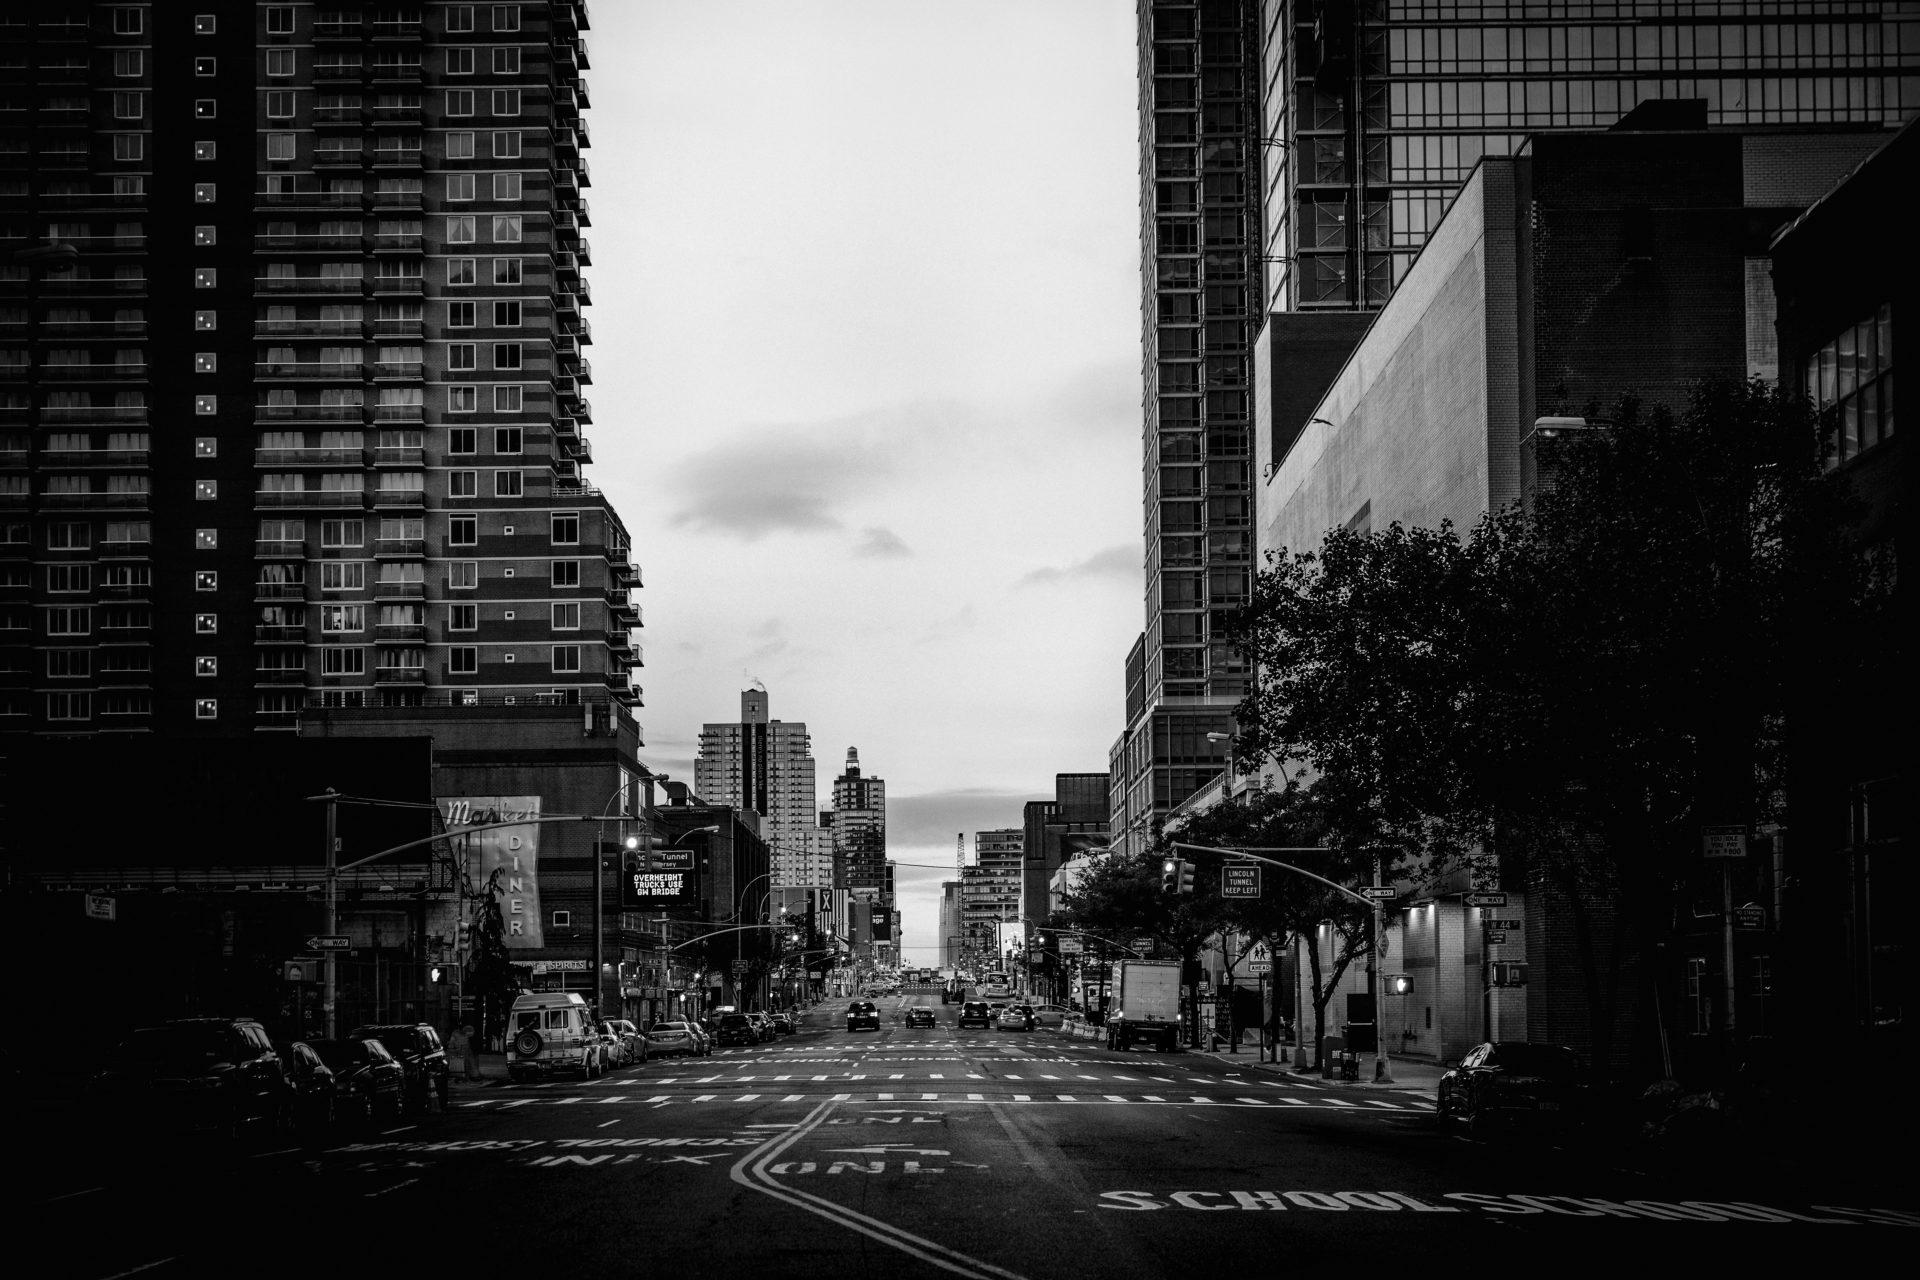 recurso, ciudad, blanco y negro, urbano, barrio, edificios, negocios